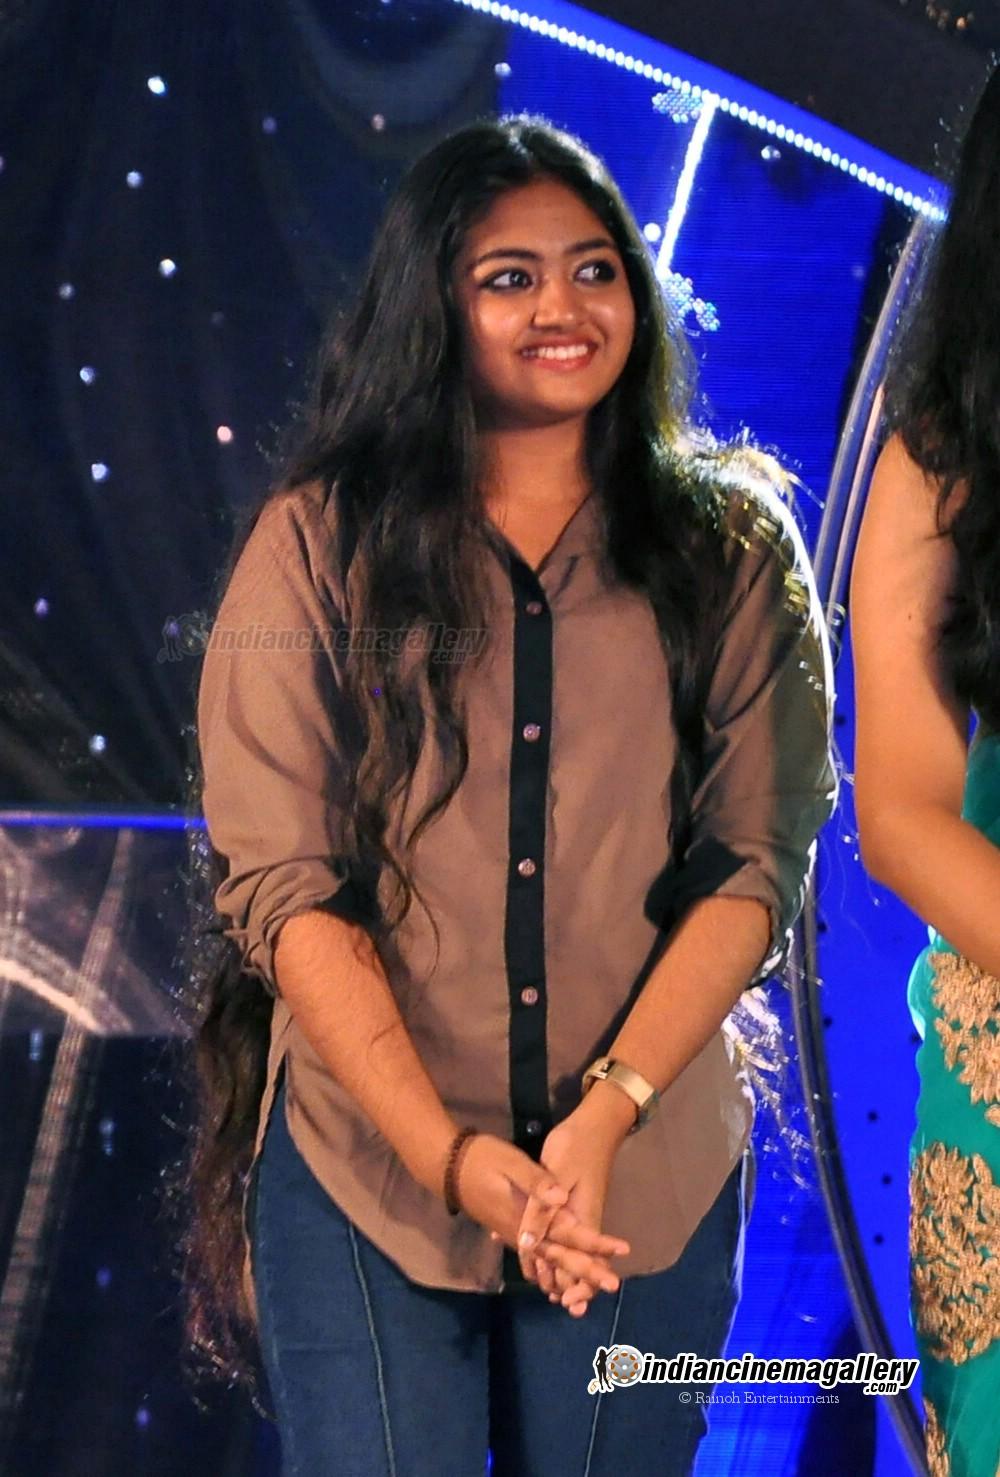 Malayalam actress Shalin at Amrita TV Film Awards 2013 held at Cochin